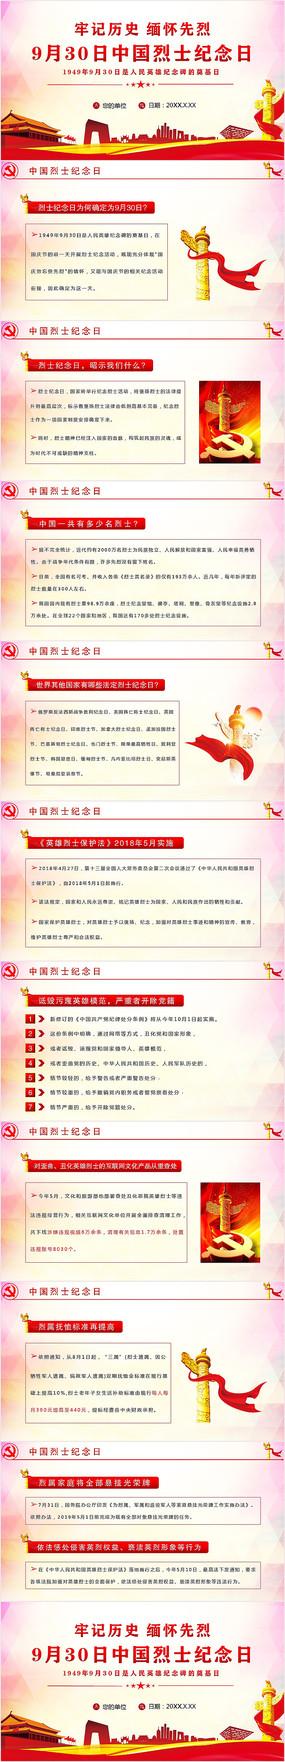 9月30日中国烈士纪念日PPT